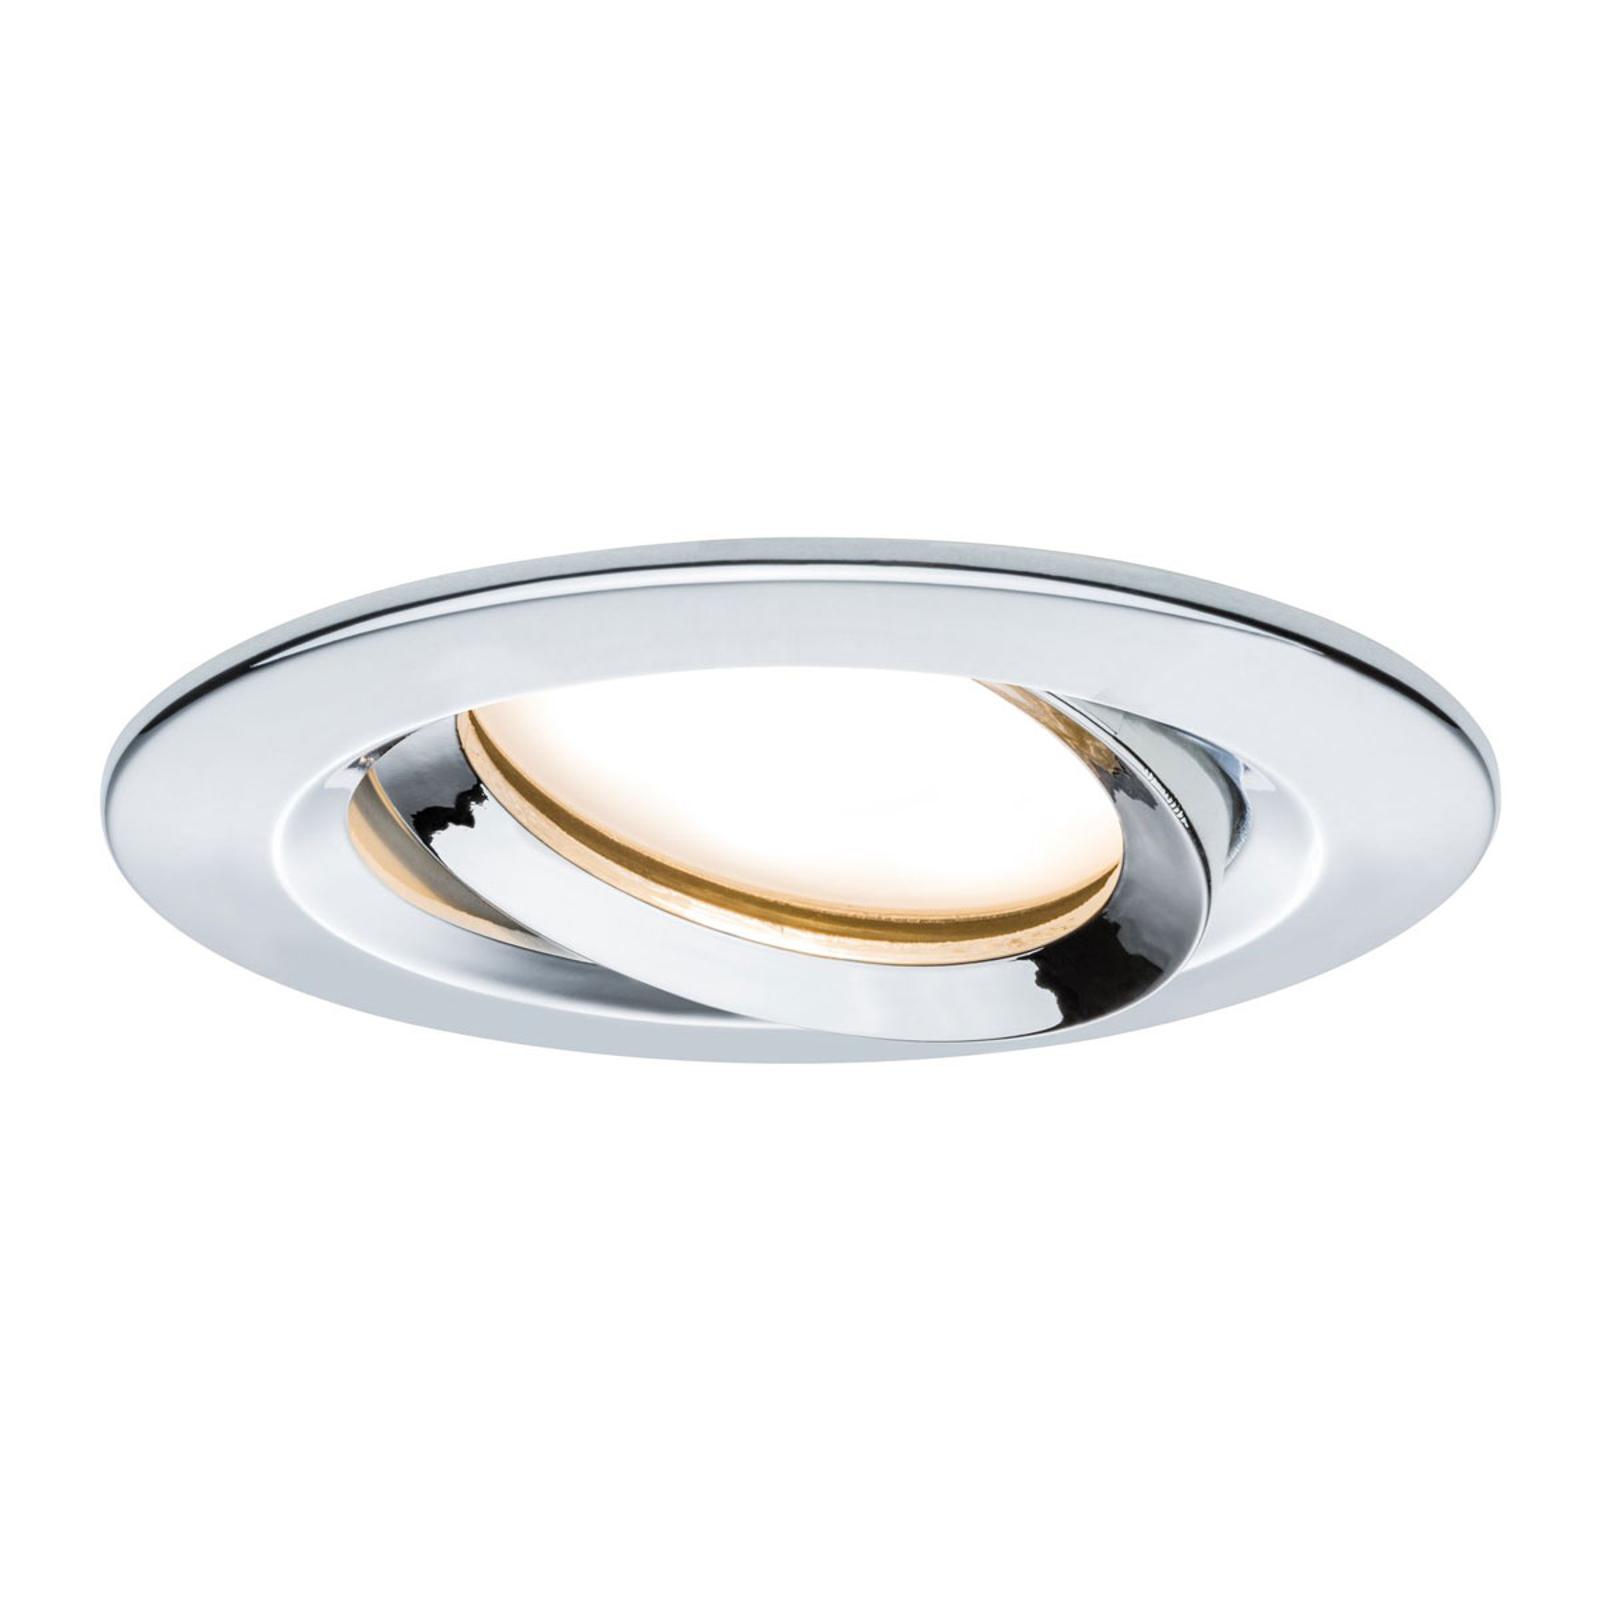 Paulmann Nova Plus LED-spot rund krom